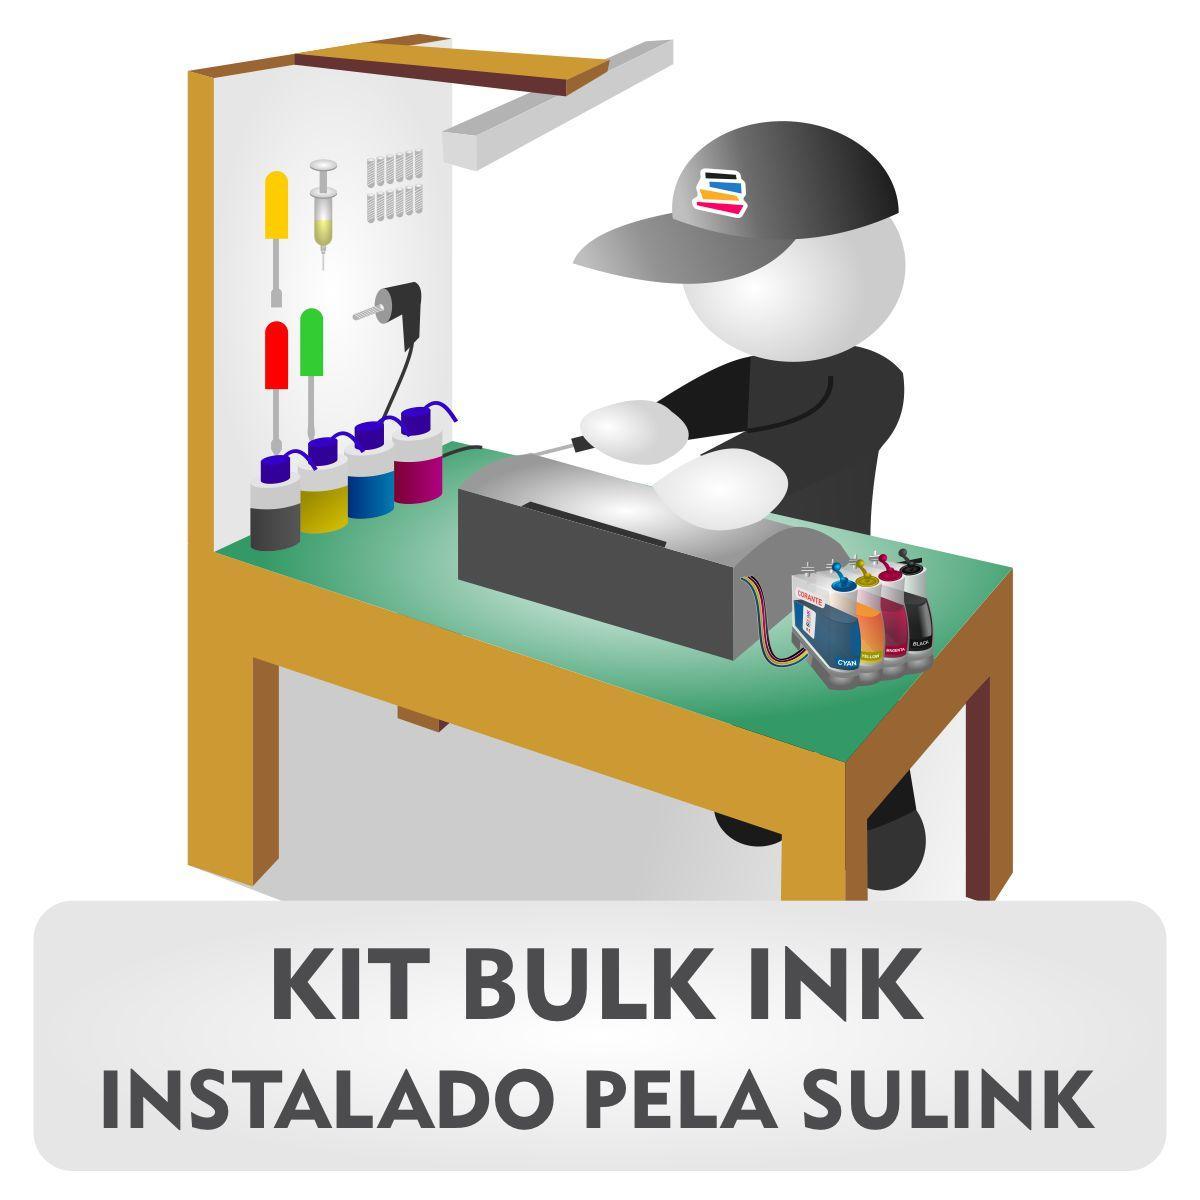 INSTALADO - Bulk Ink para Canon de 2 Cartuchos - Rocket 60ml 4 Cores Tinta Específica para Canon Preto Pigmentado e Colorido Corante - (Sem Cartucho - Utilizar Original CANON do Cliente)